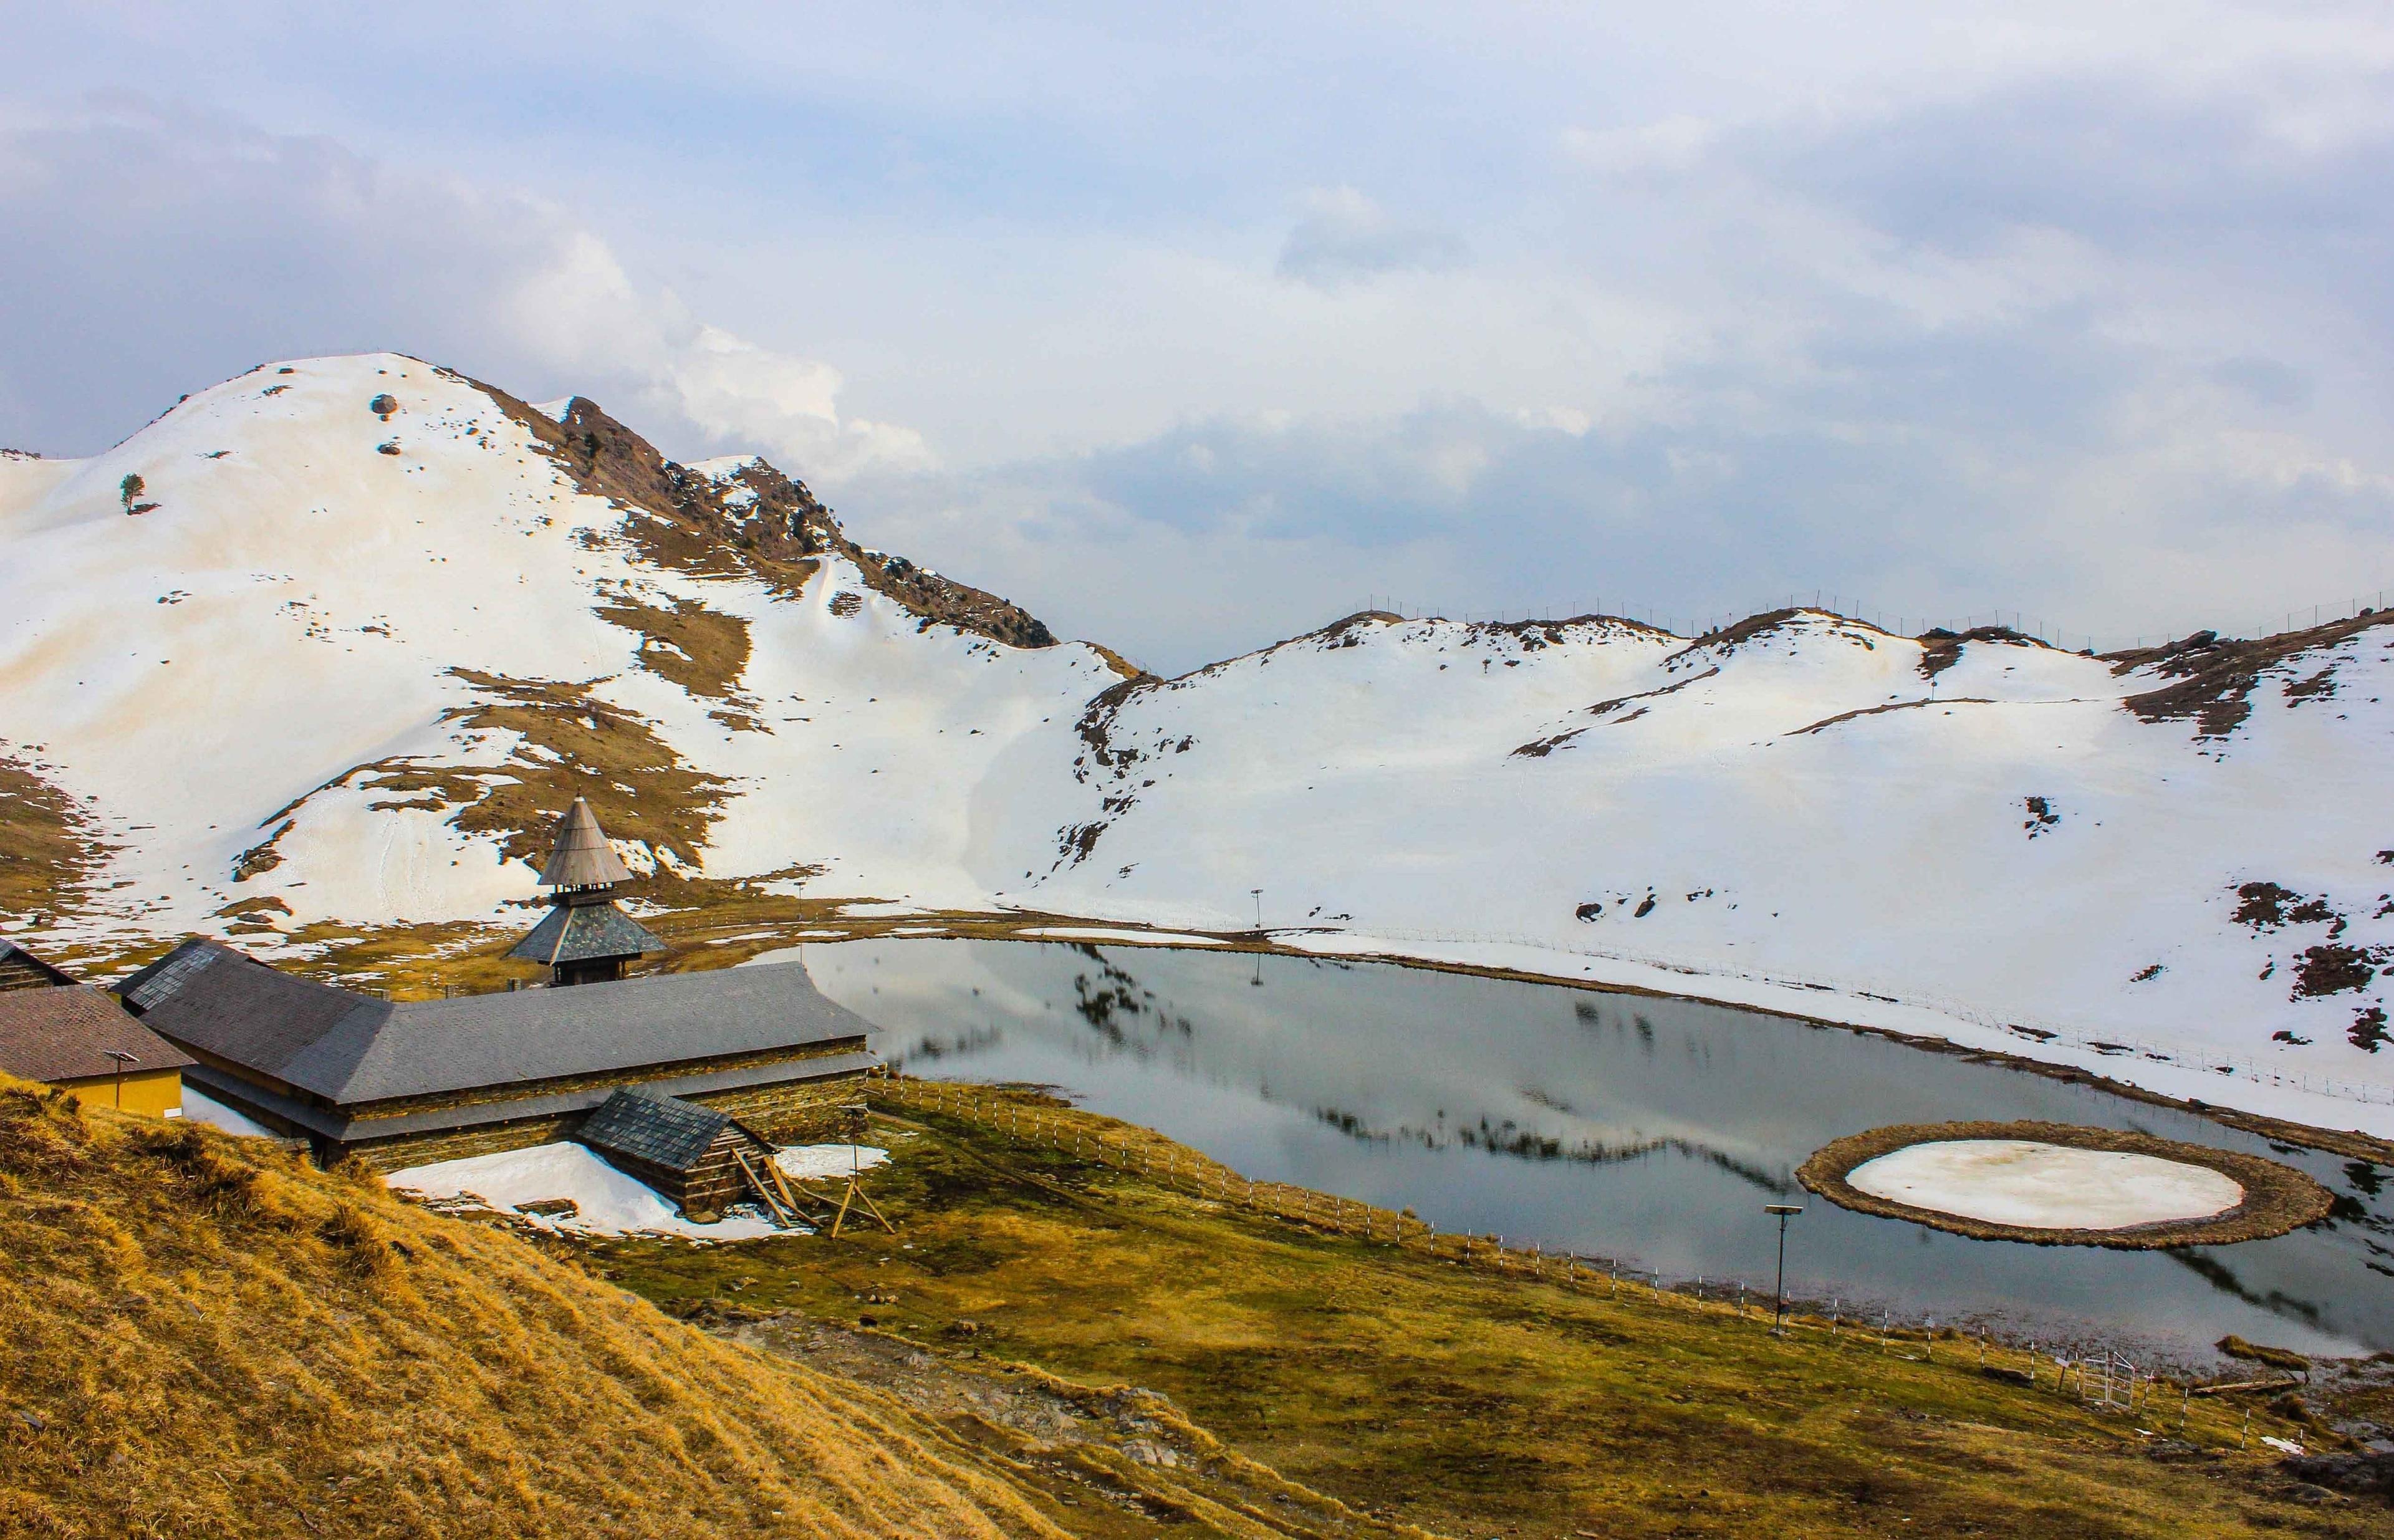 Prashar Lake, Kullu, Himachal Pradesh, India